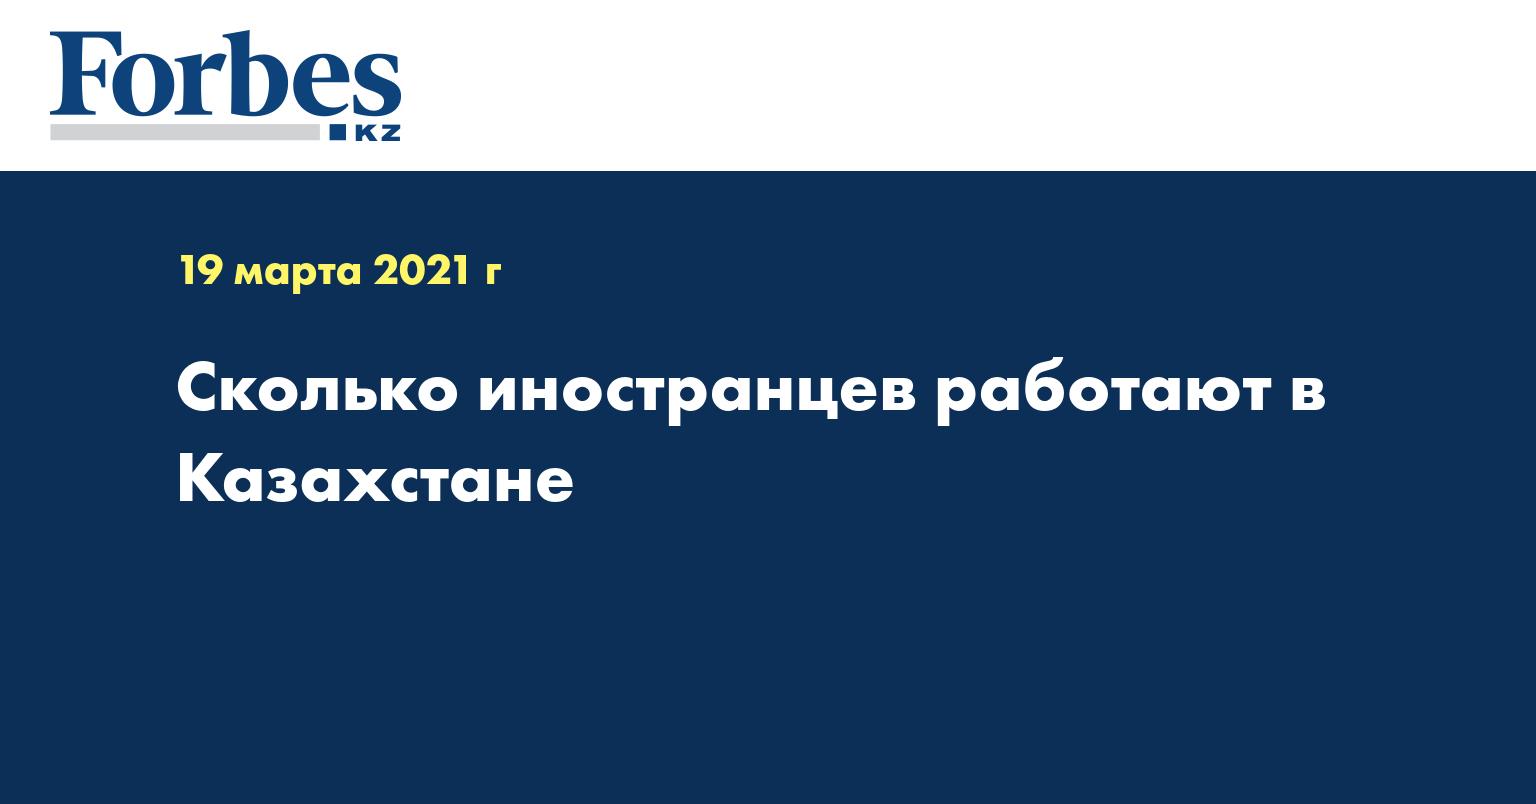 Сколько иностранцев работают в Казахстане